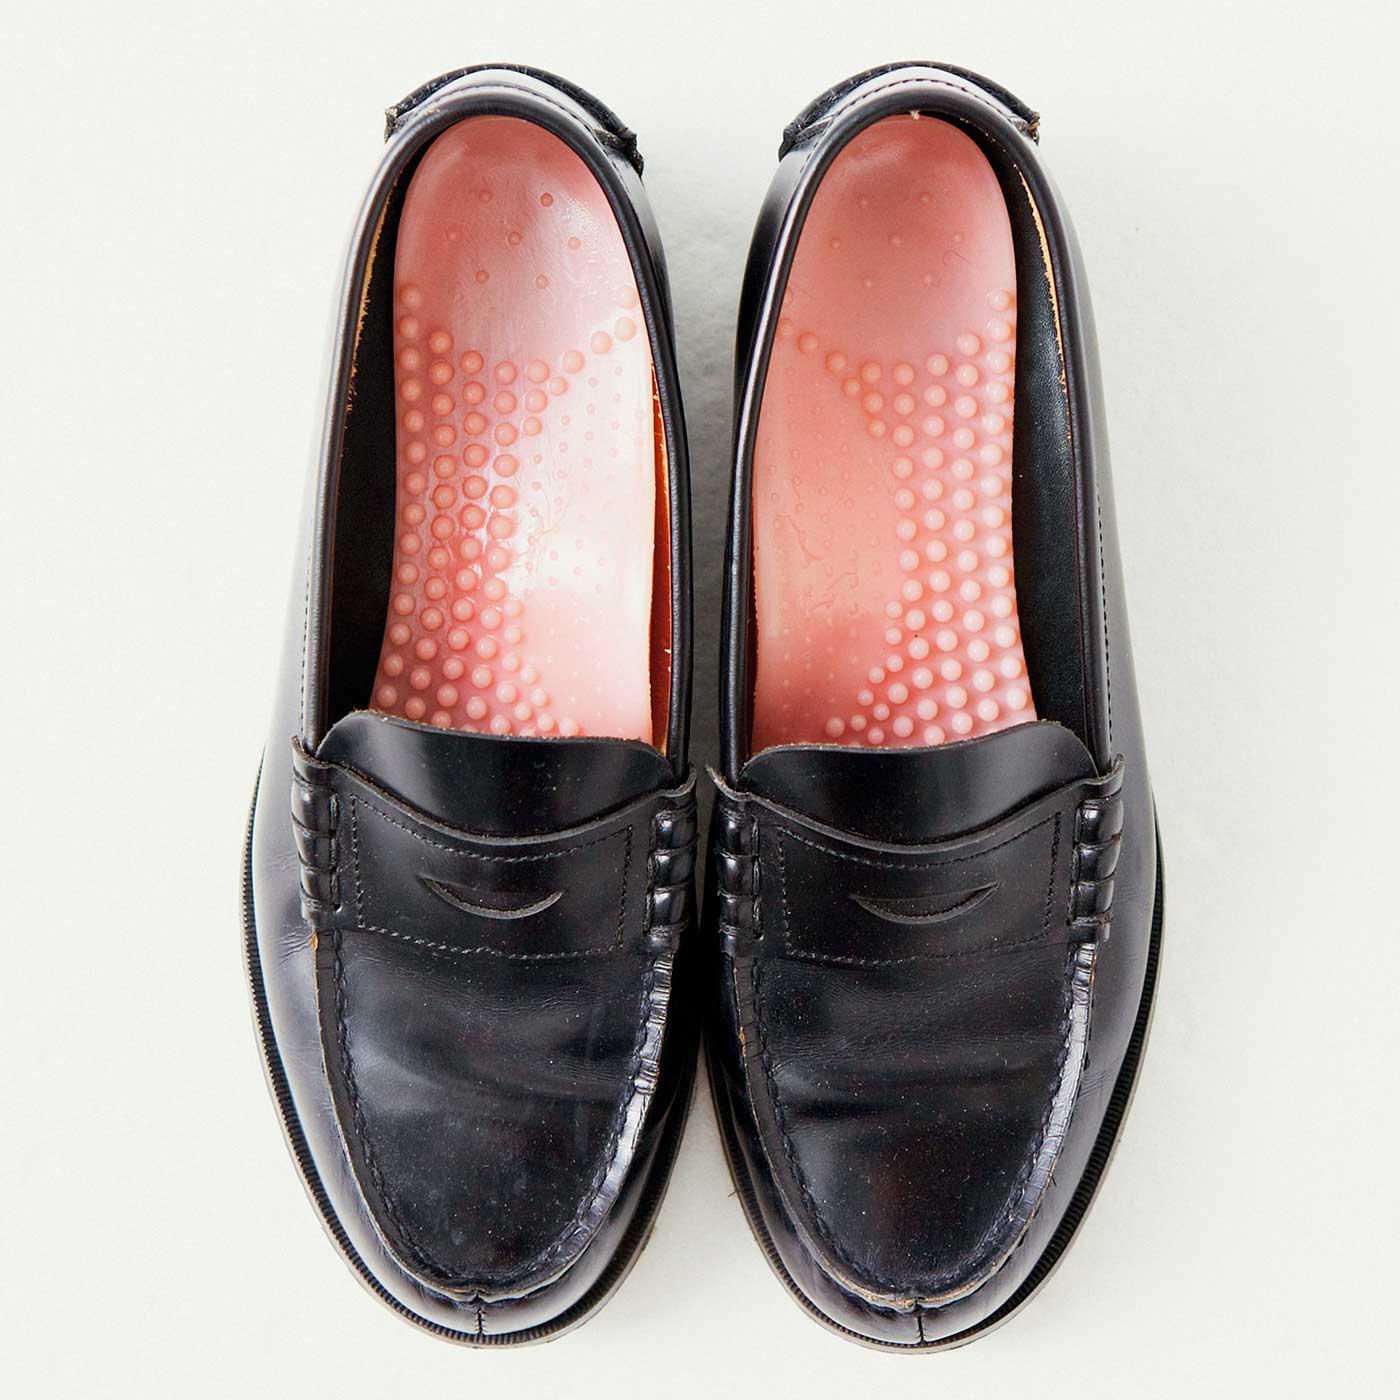 これは参考画像です。靴のかかと側に合わせて敷くだけ。いろいろな形、サイズの靴に対応。